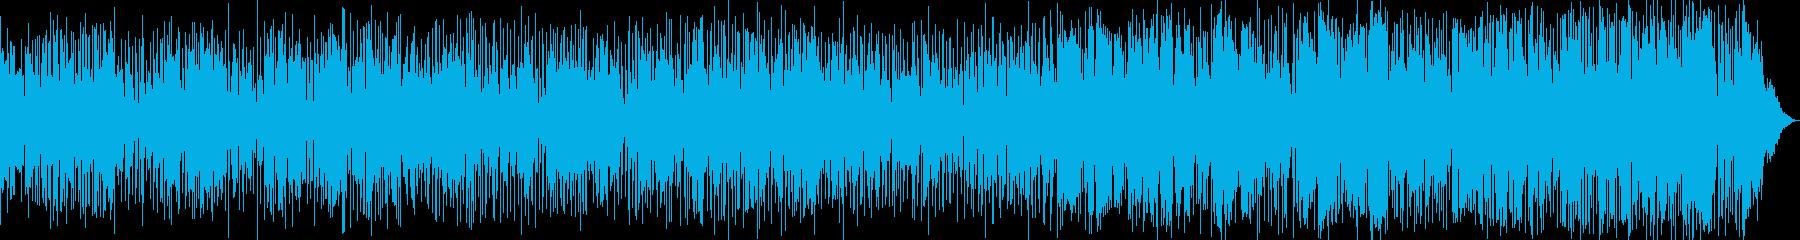 安らぎを与える優しいヒュージョン・ジャズの再生済みの波形